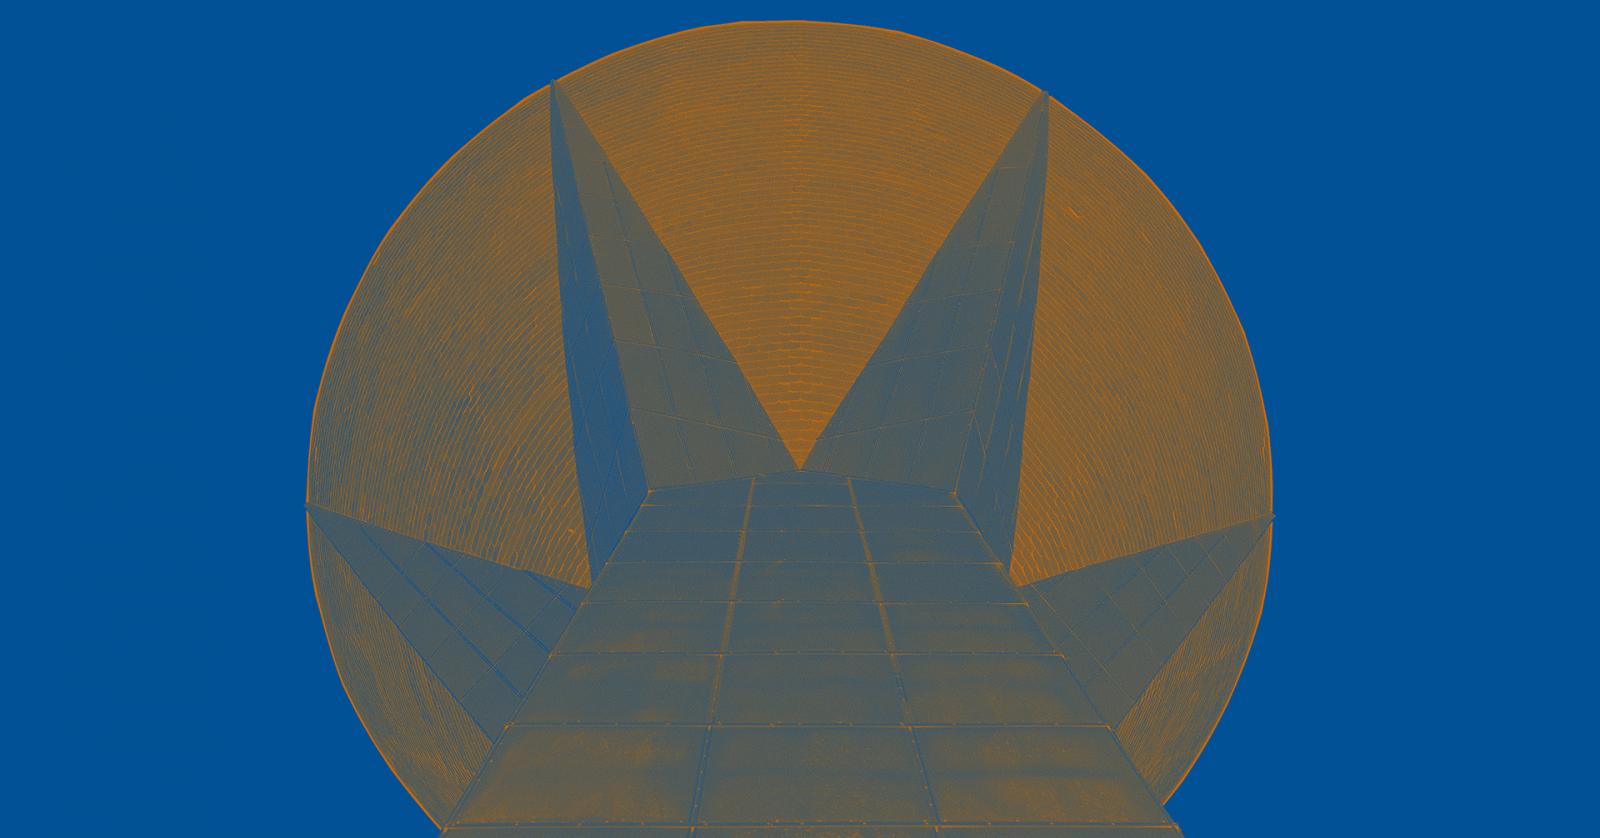 Arkkitehtuuripoliittisen ohjelman tunnus on Lahden vesitorni